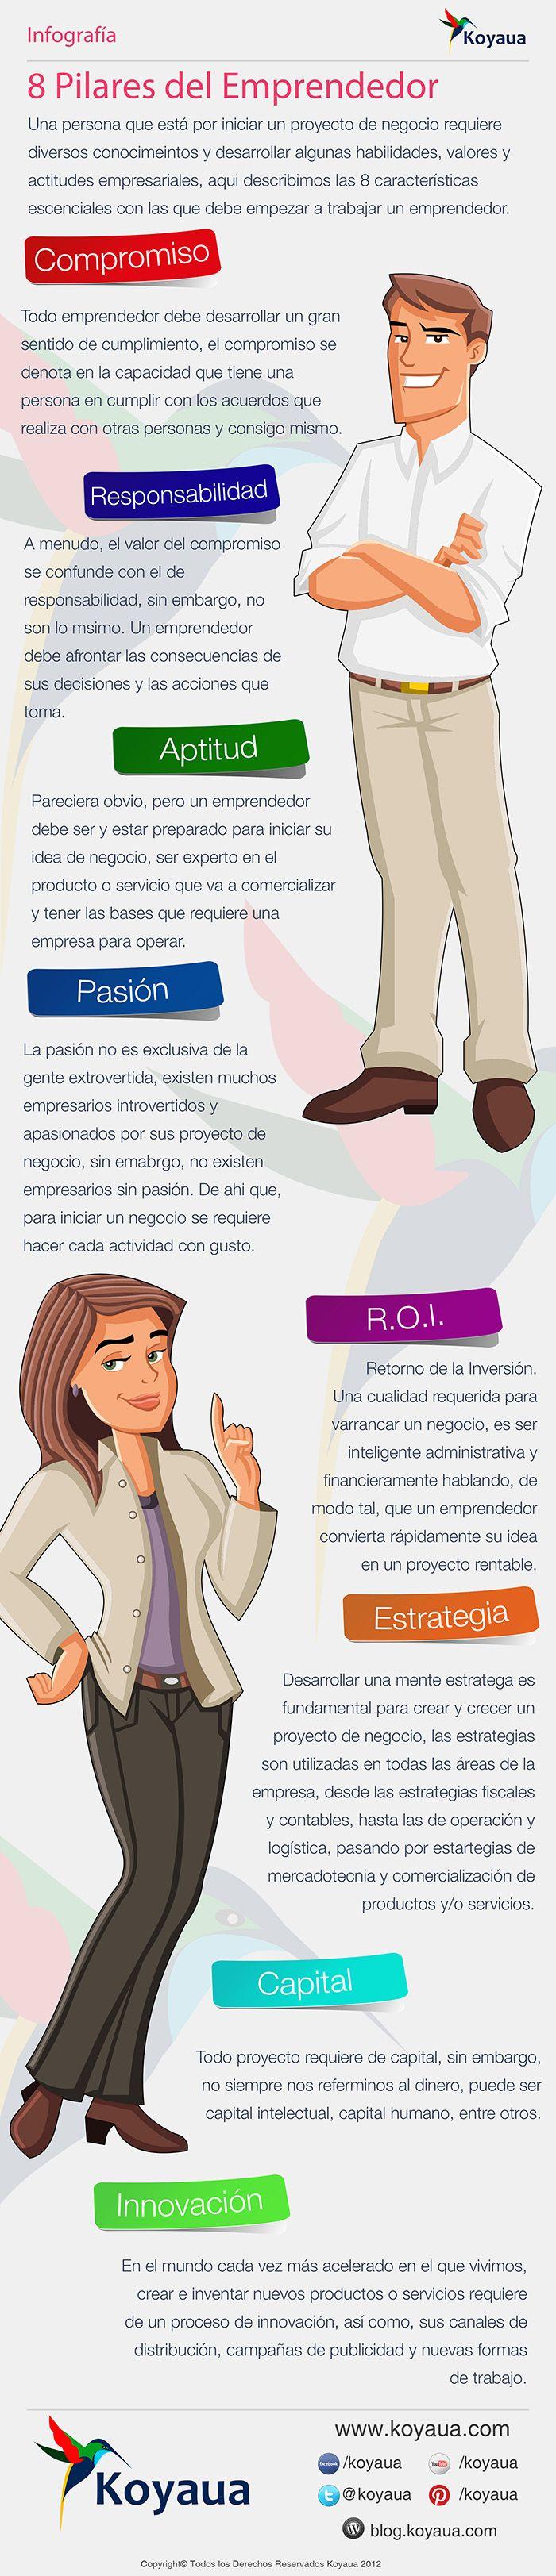 Los 8 pilares del emprendedor #rrhh #recursoshumanos #infografia